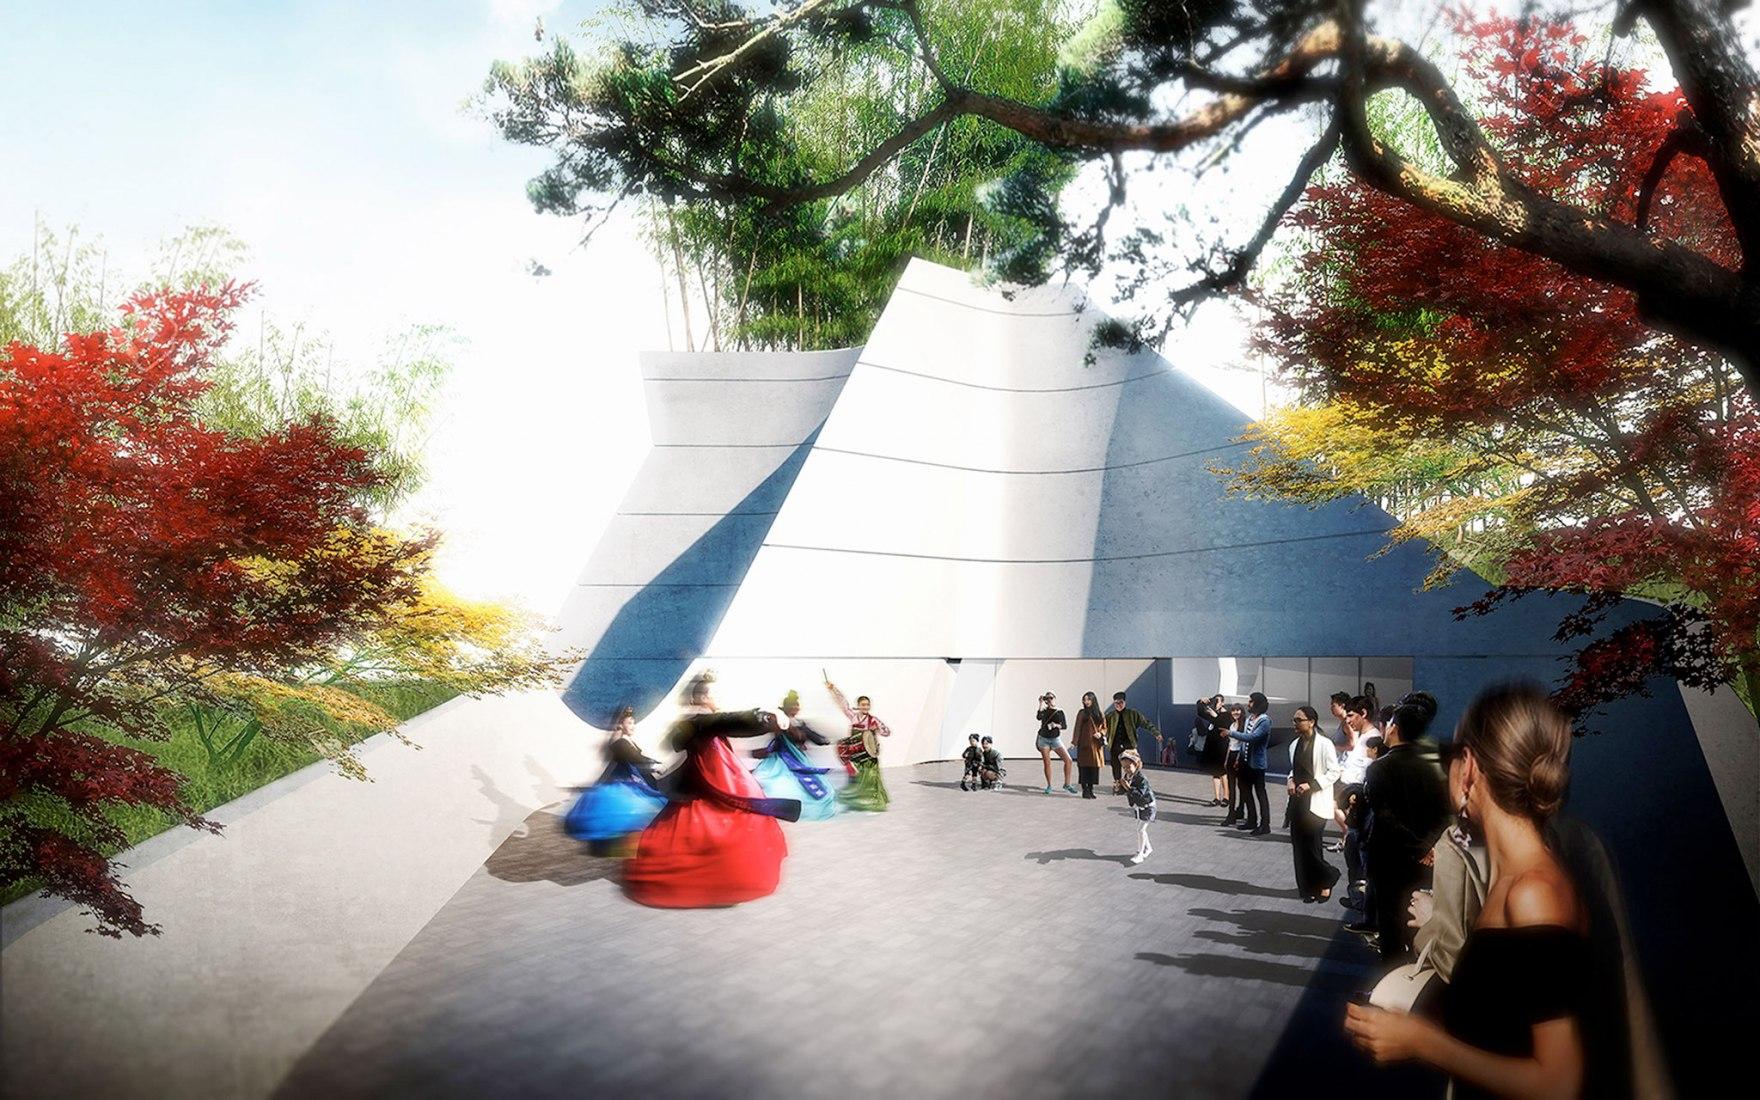 Rendering. New Korean American National Museum in Los Angeles by Morphosis. Image courtesy of Morphosis.